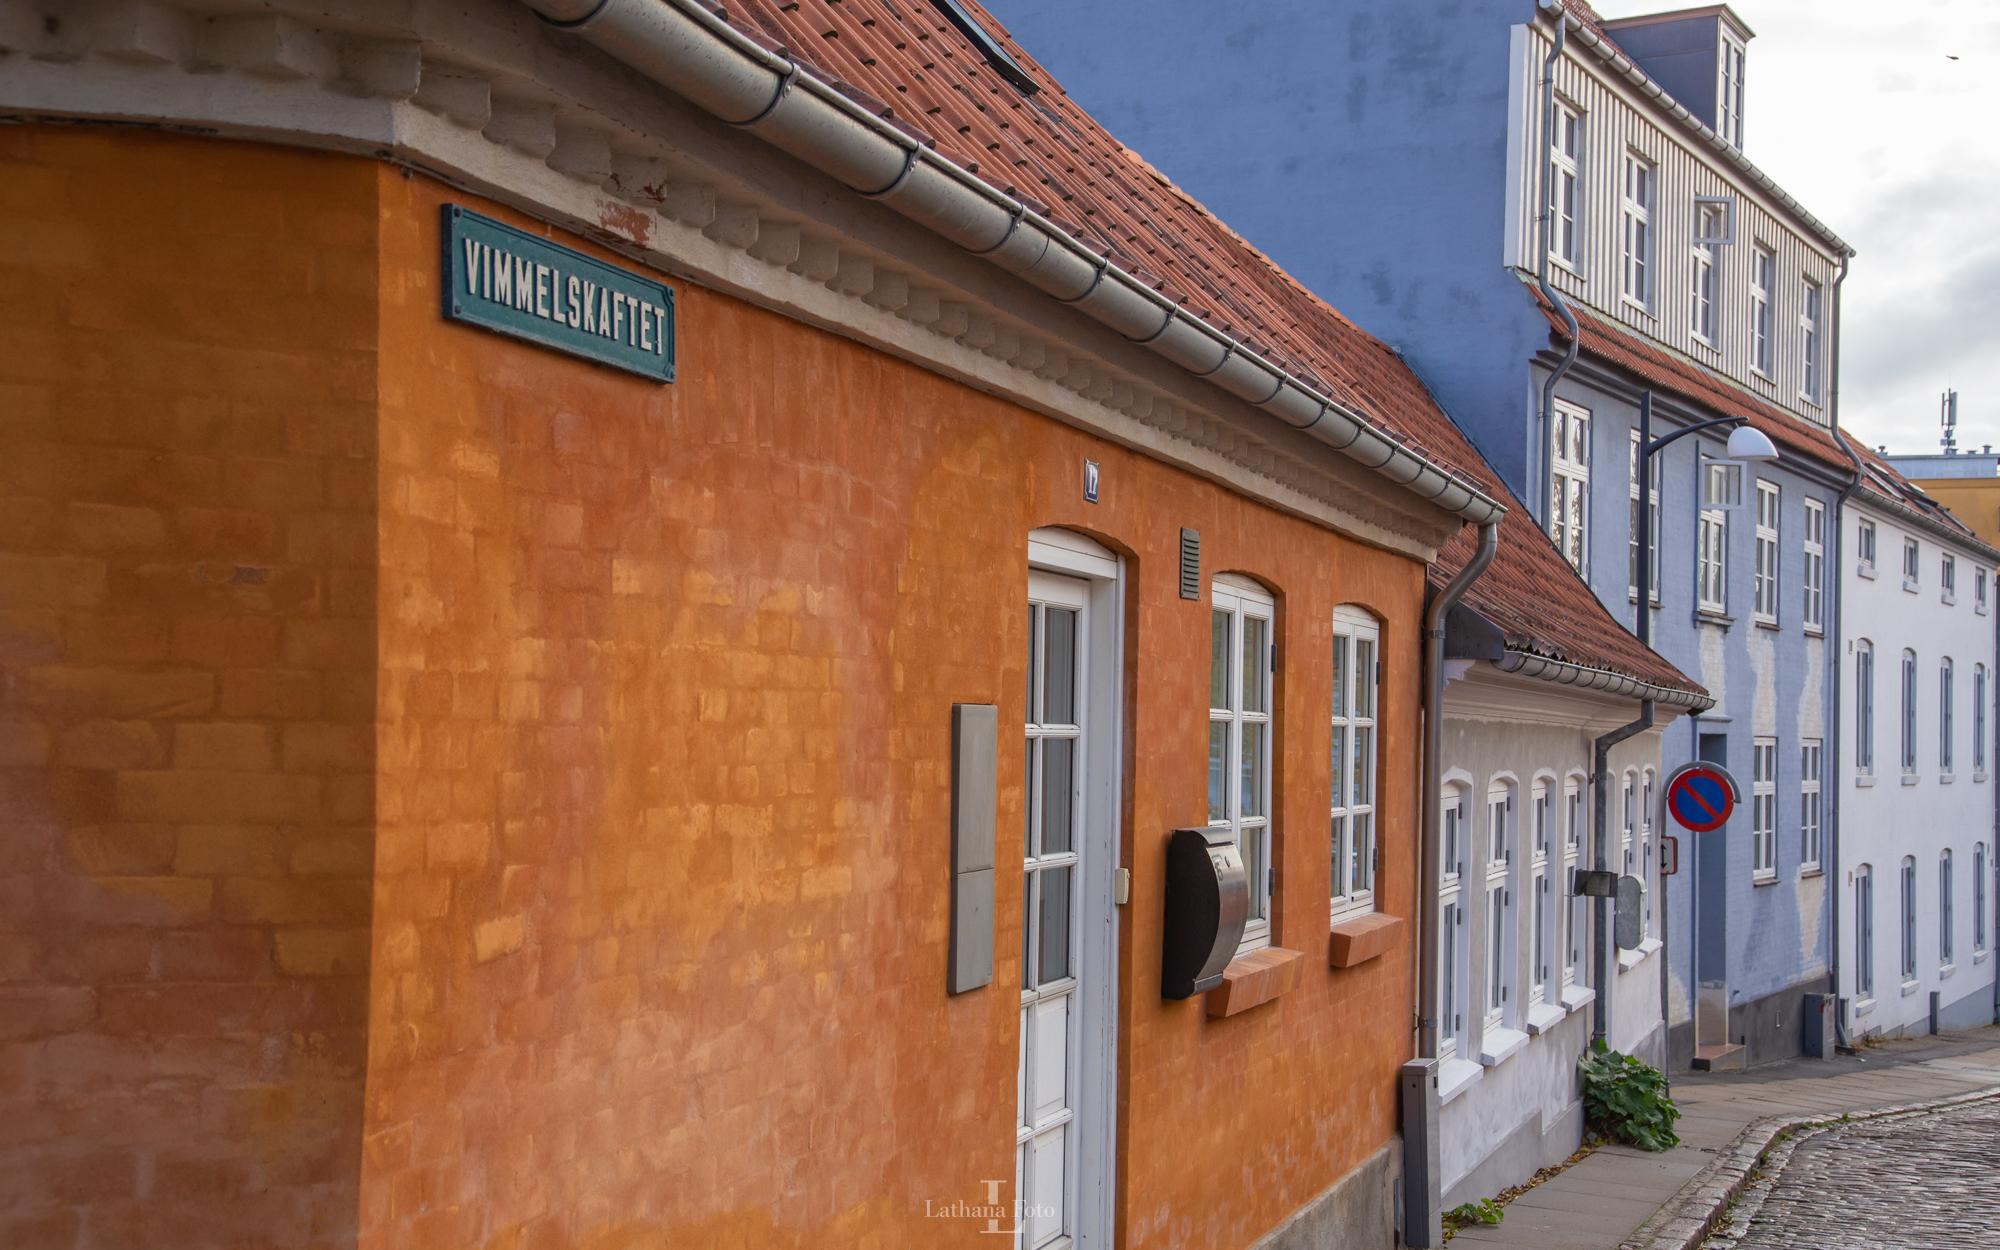 Holbæk 241020 23